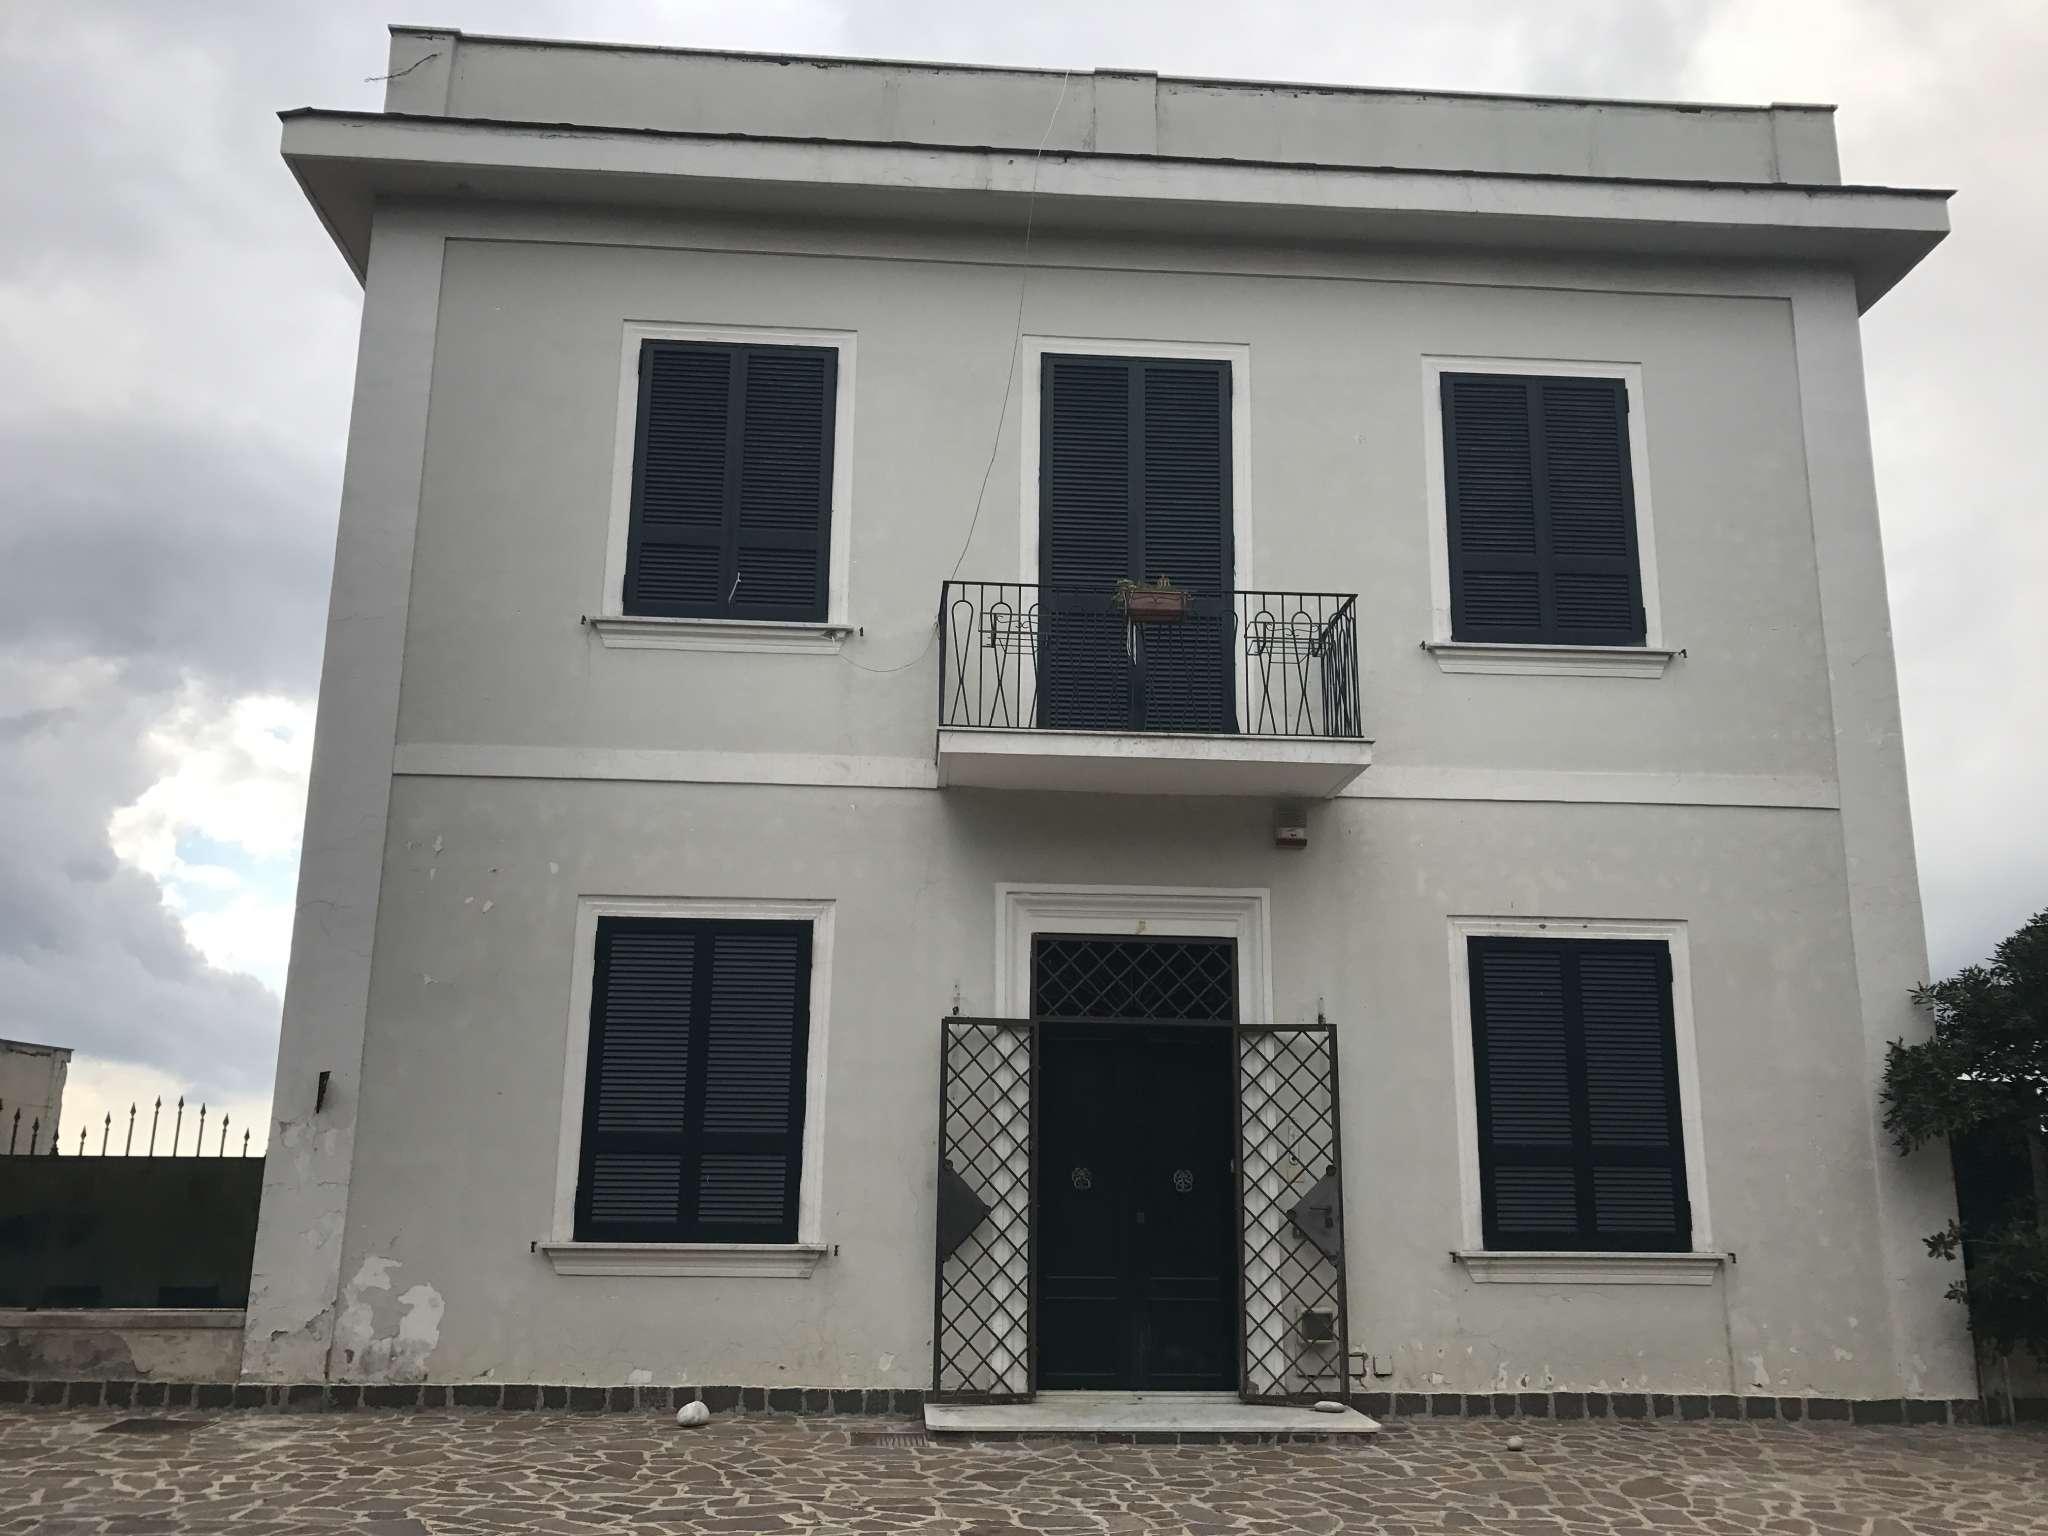 Villa in affitto a Napoli, 8 locali, zona Zona: 1 . Chiaia, Posillipo, San Ferdinando, prezzo € 3.000   CambioCasa.it